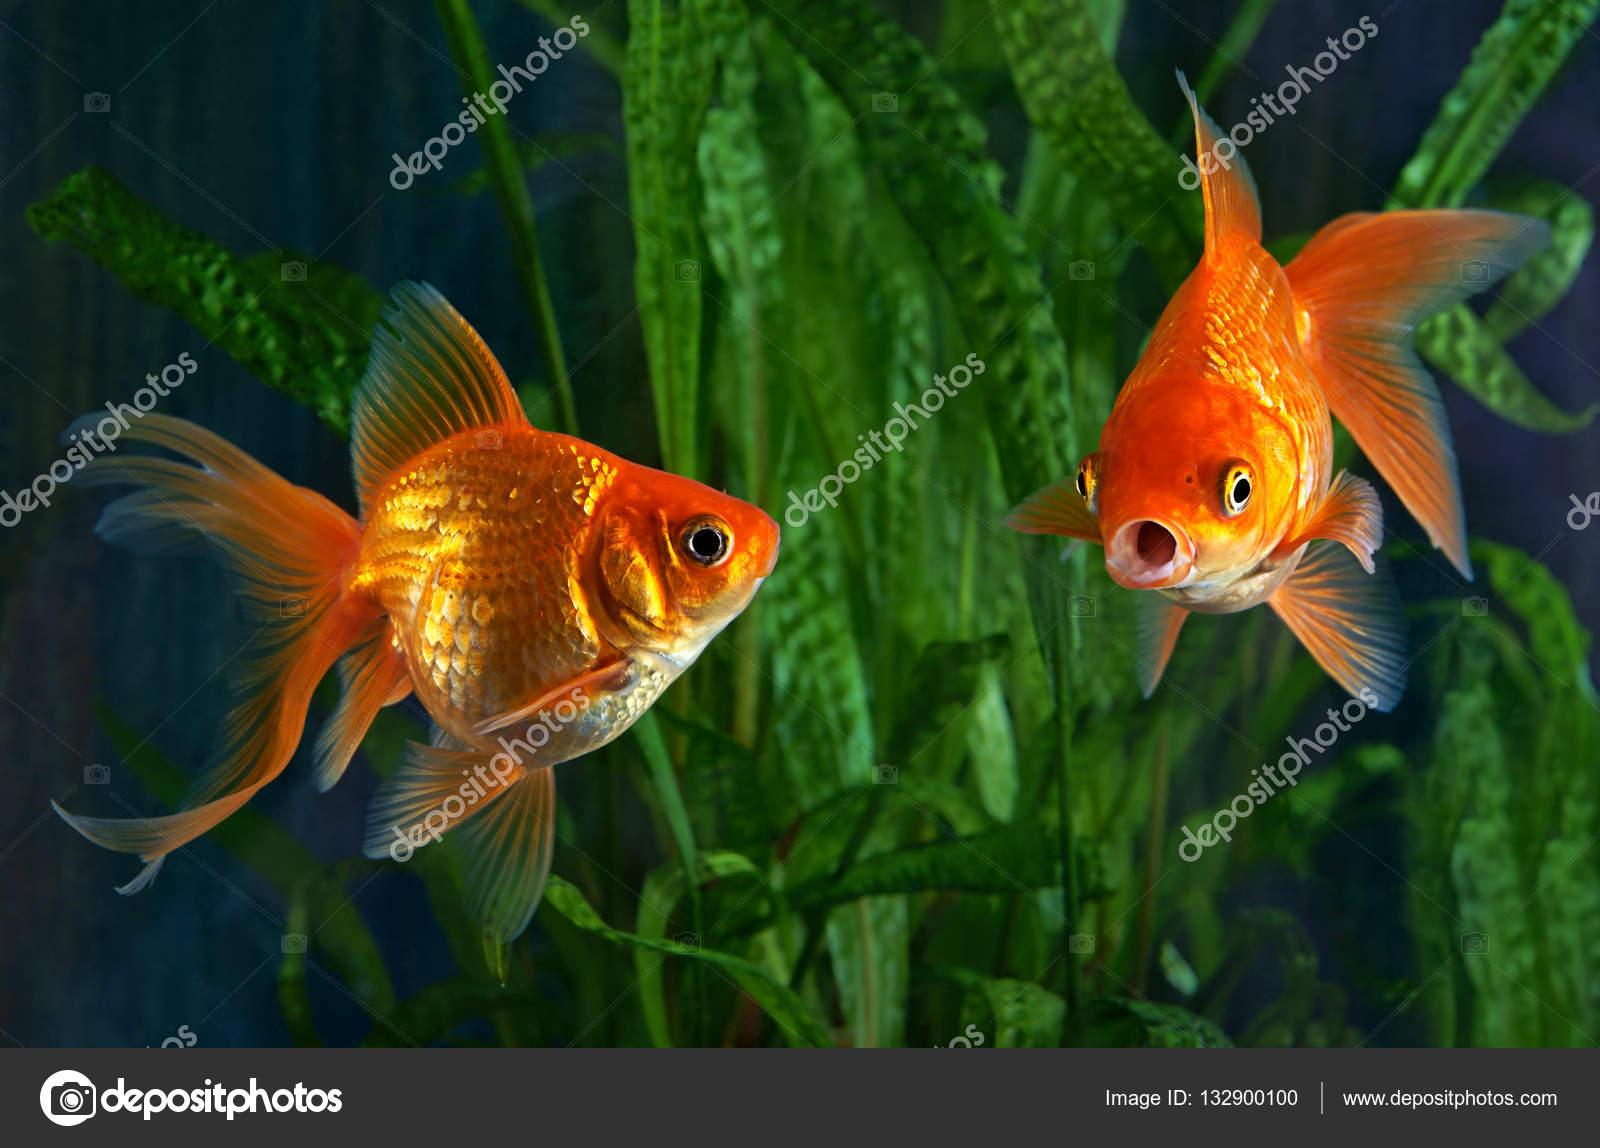 Скачать или распечатать раскраску распечатать скачать рыбку рыбки.